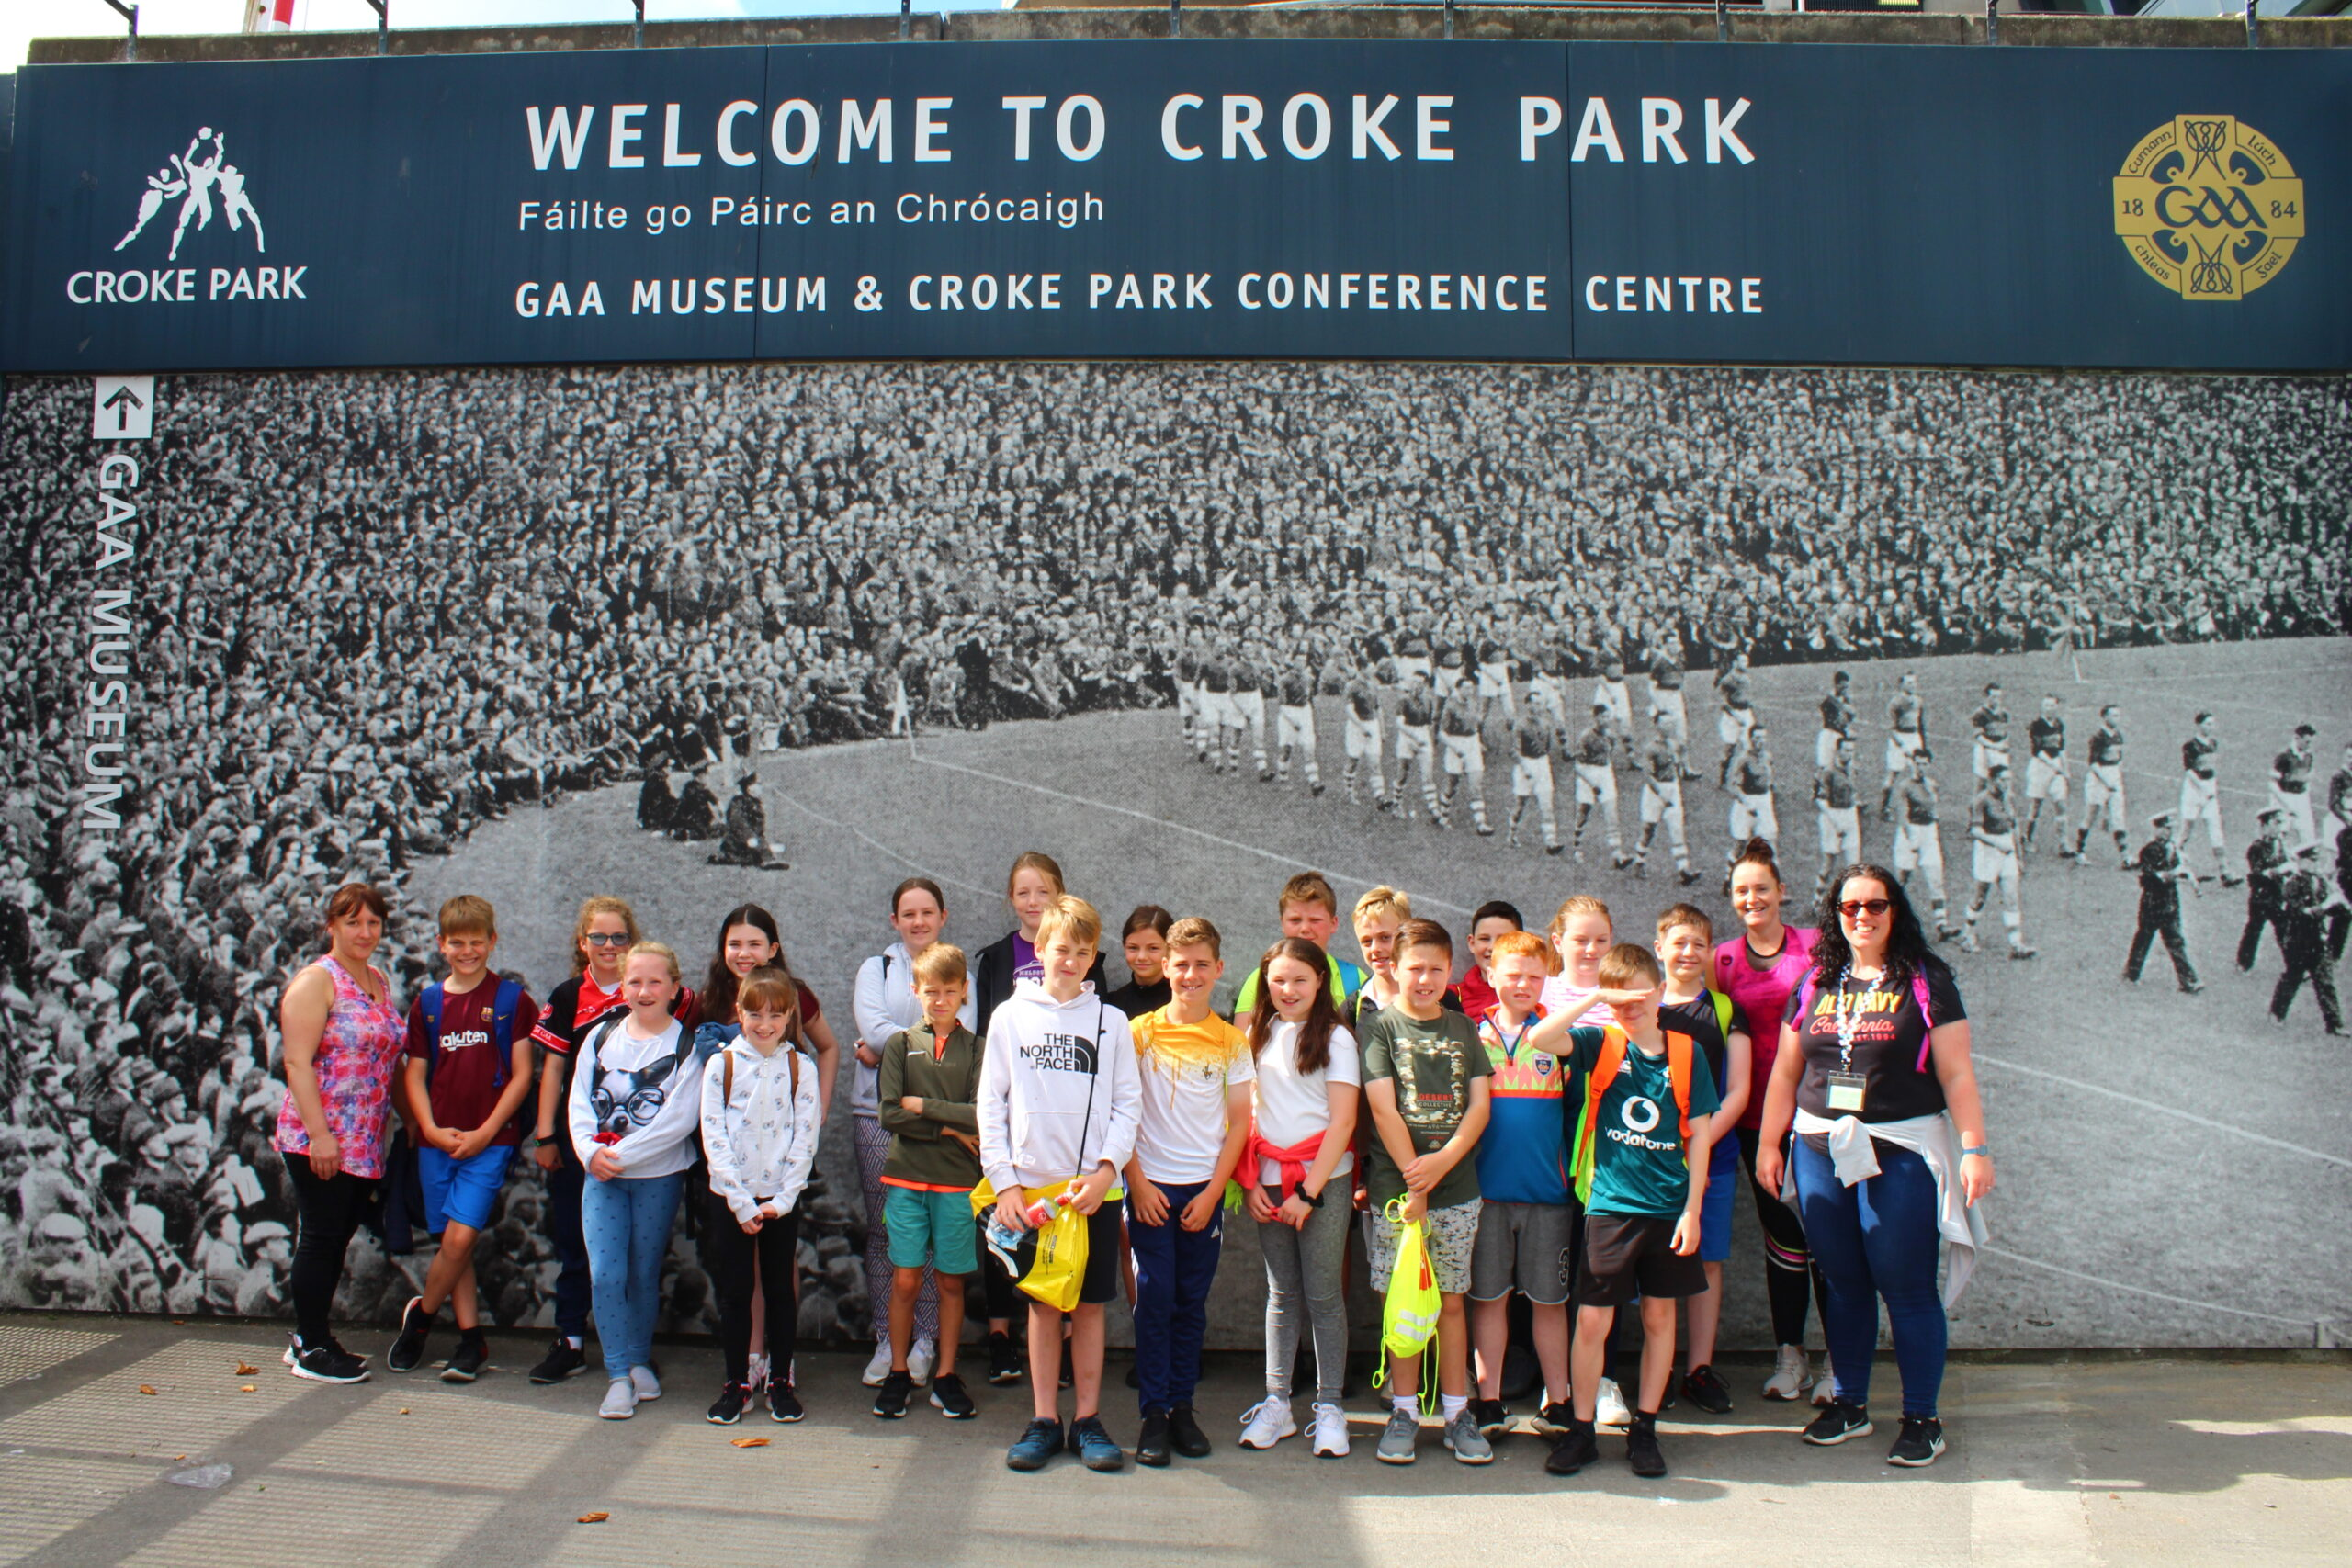 CrokePark